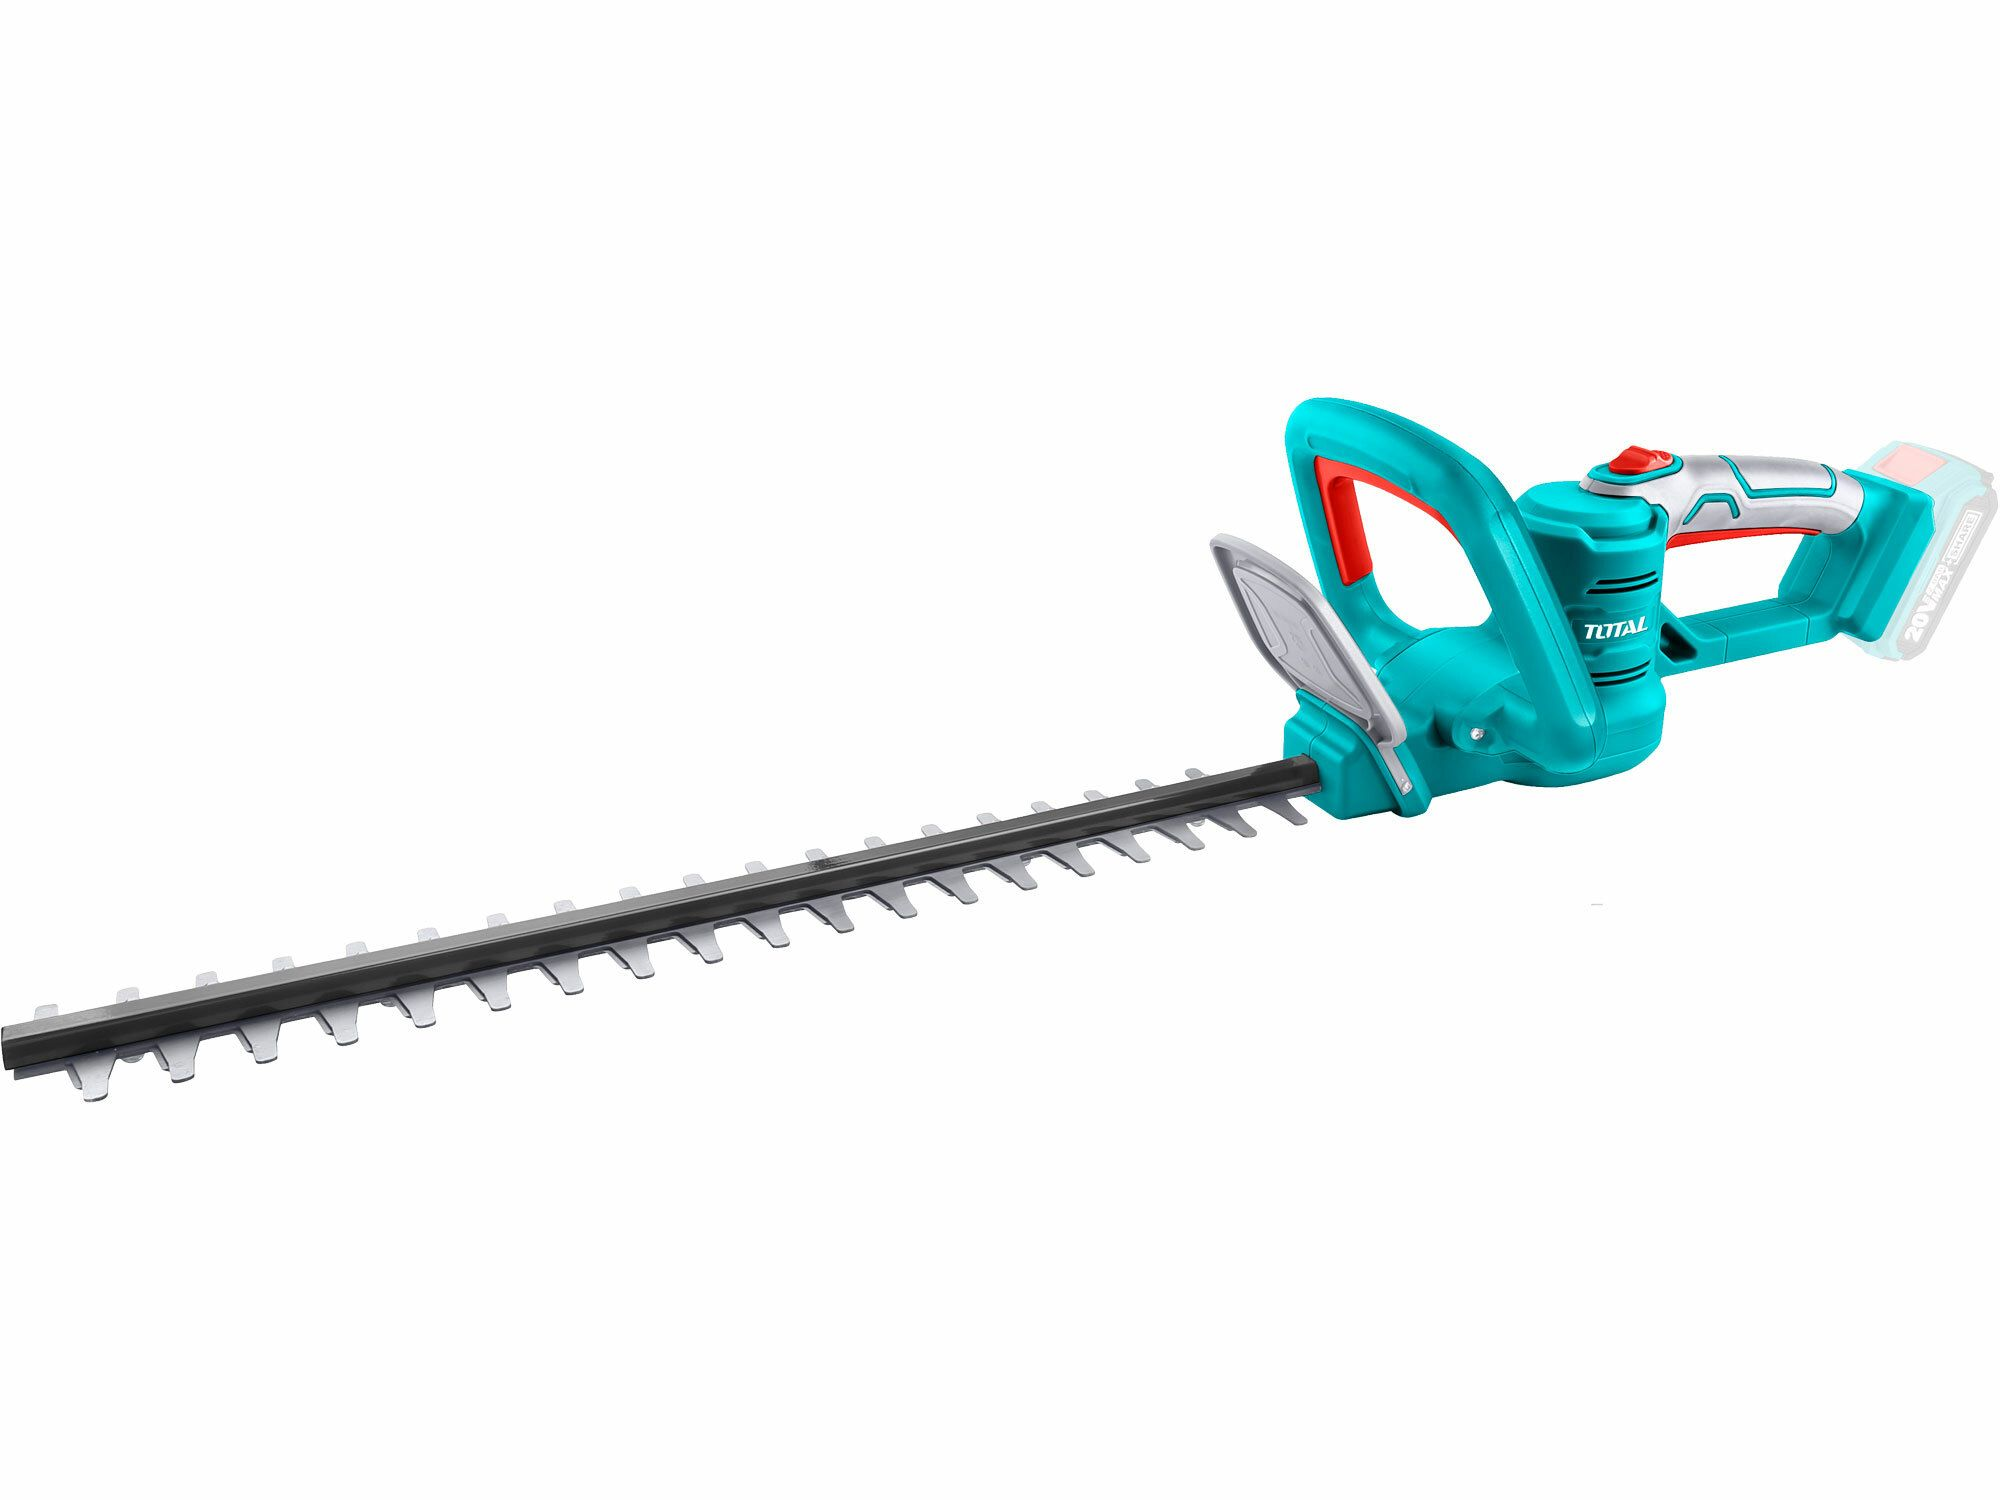 Nůžky na živé ploty AKU, 20V Li-ion, 2000mAh, industrial - bez baterie a nabíječky TOTAL-TOOLS